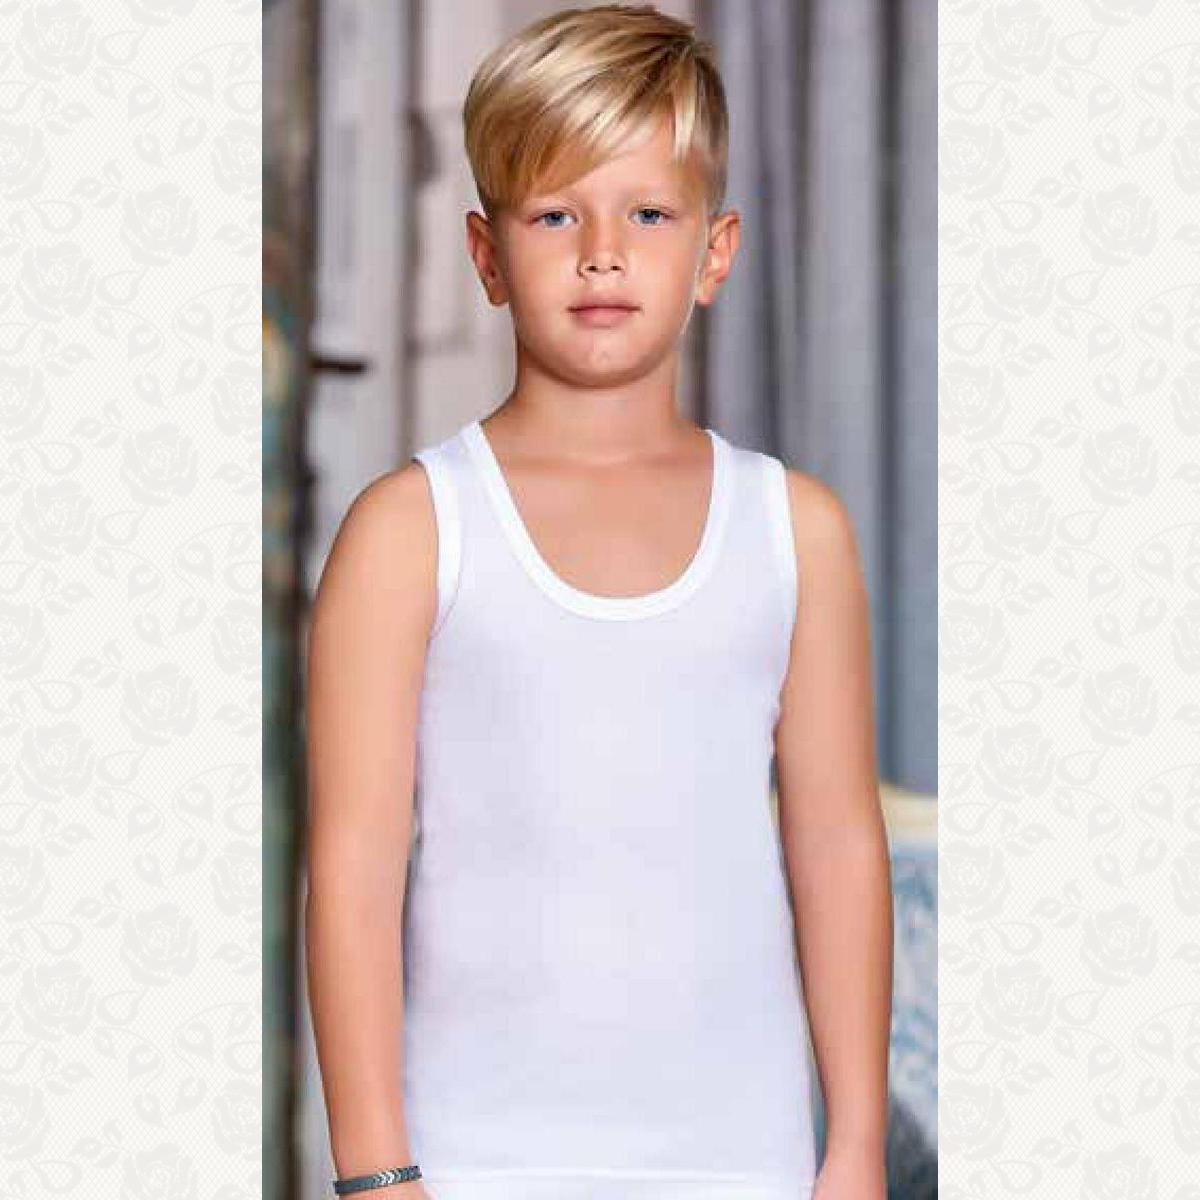 Майка для мальчика размер от 5 - 6, цвет белый с фото, 6 шт.